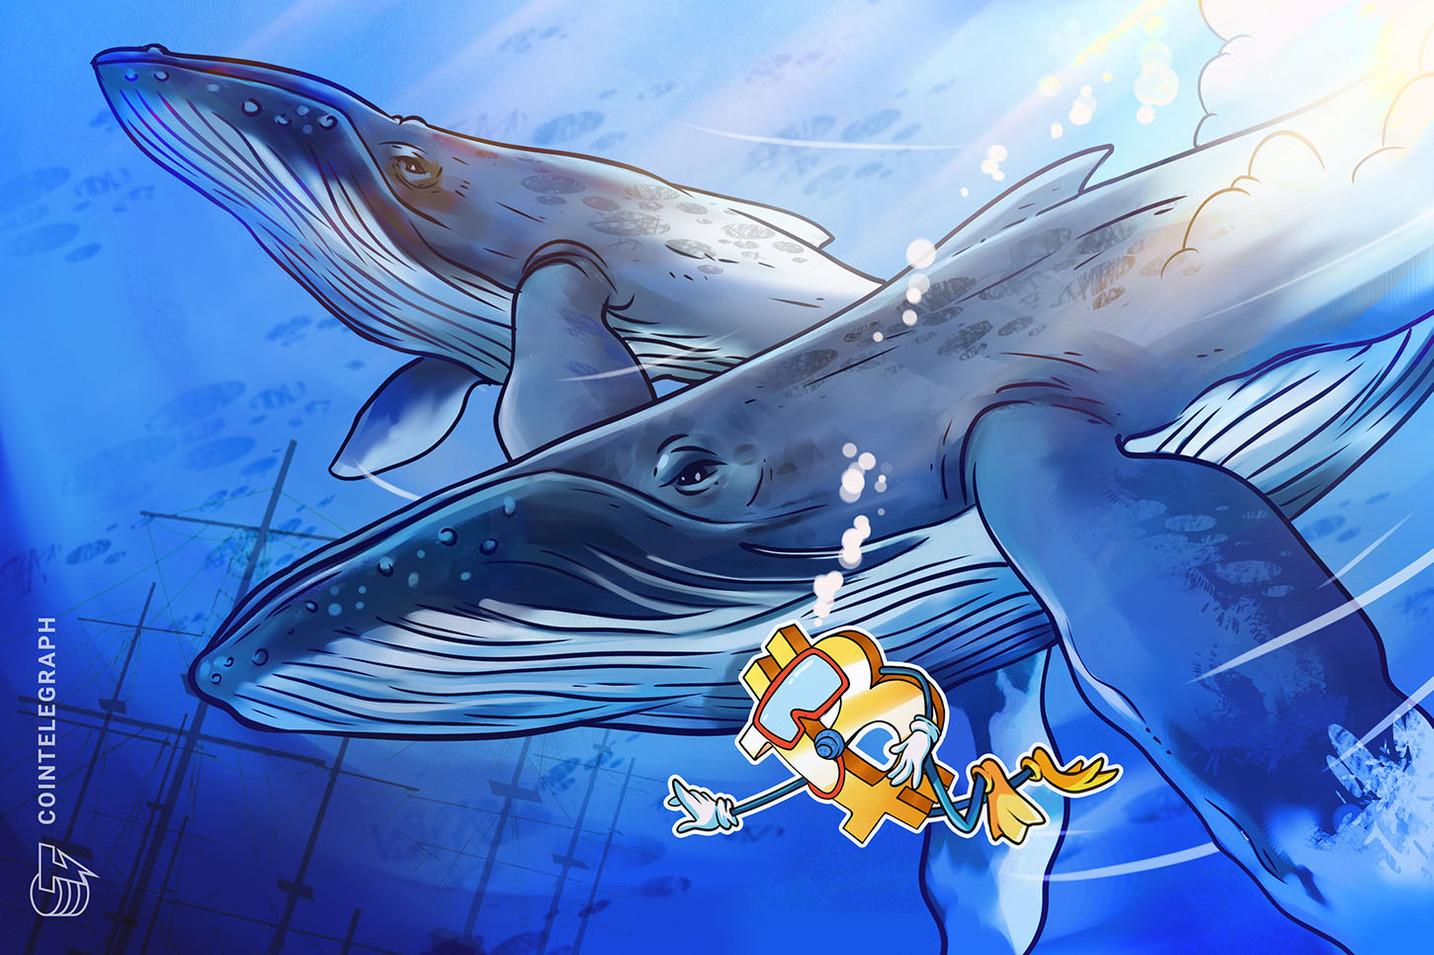 Il sell-off delle whale di Bitcoin potrebbe impedire il superamento di quota 16.200$